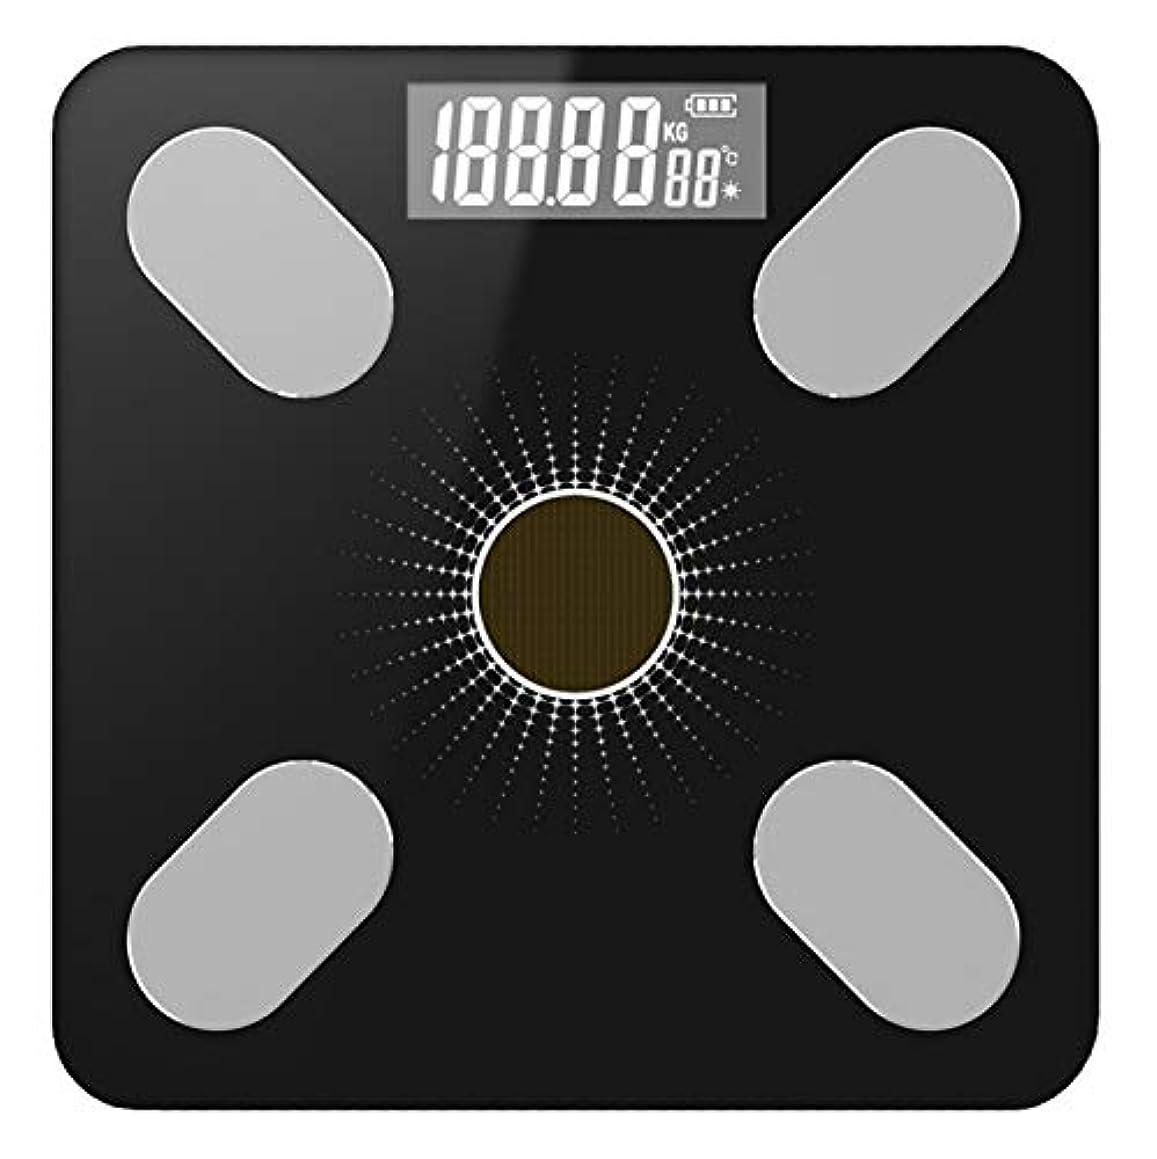 隔離観点セールスマンPINGF 体重計 体脂肪 体組成計 体重計 環境に優しい太陽光発電 体組成計 26 * 26cmの太陽動力を与えられたブラックライト体脂肪体組成計 体重/体脂肪率/体水分率/推定骨量/基礎代謝量/内臓脂肪レベル/BMIなど測定可能 Bluetooth対応 iOS/Androidアプリで健康管理 ベビーモード搭載 データグラフ化